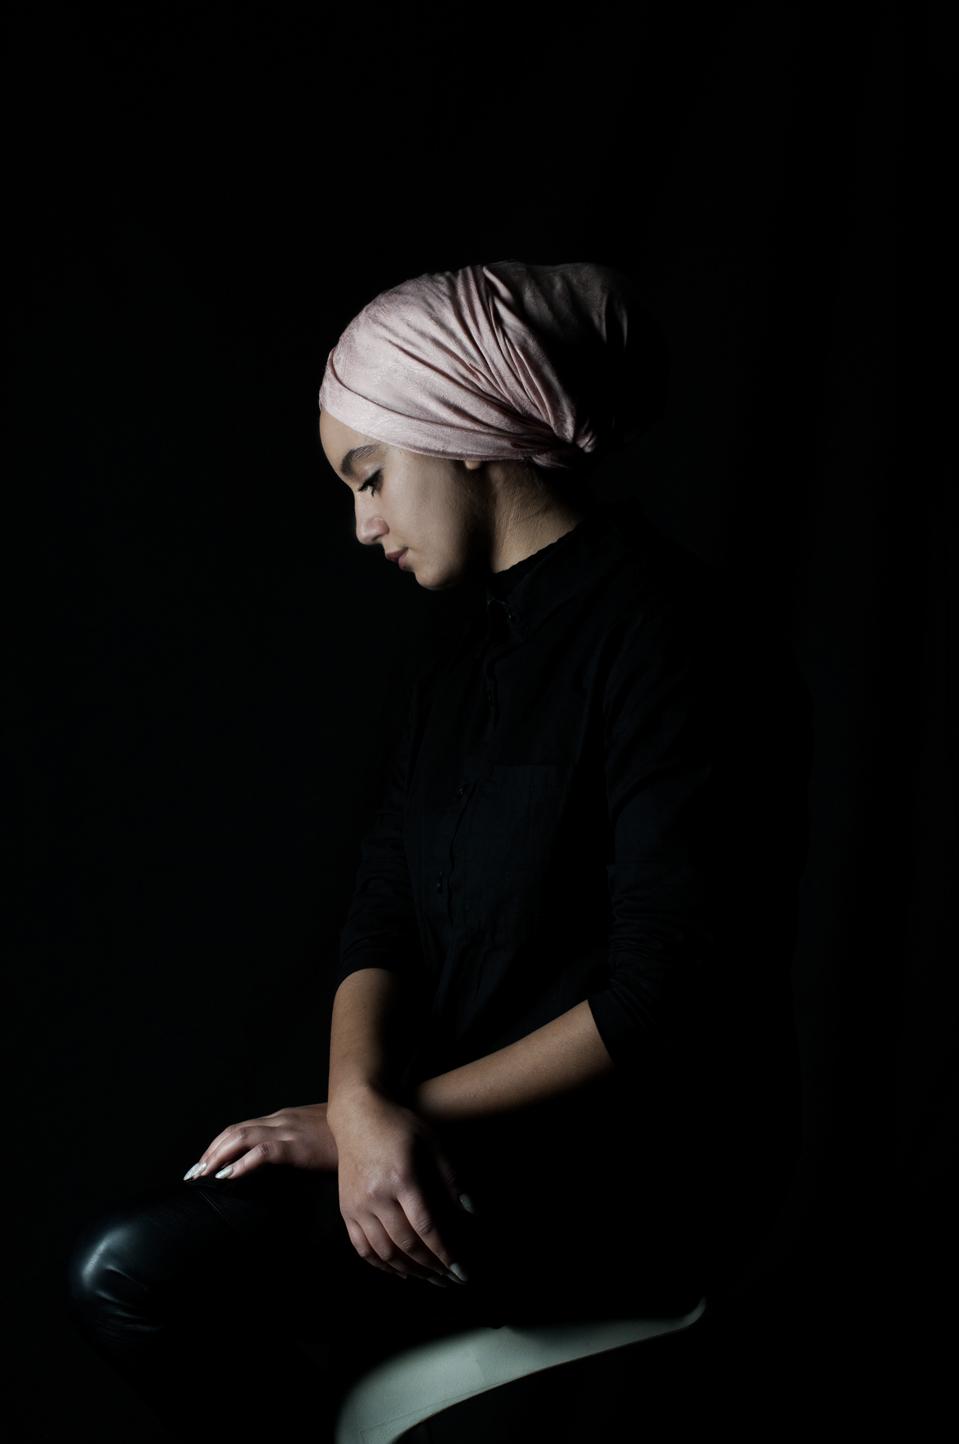 Fatima_El_Hossi_066